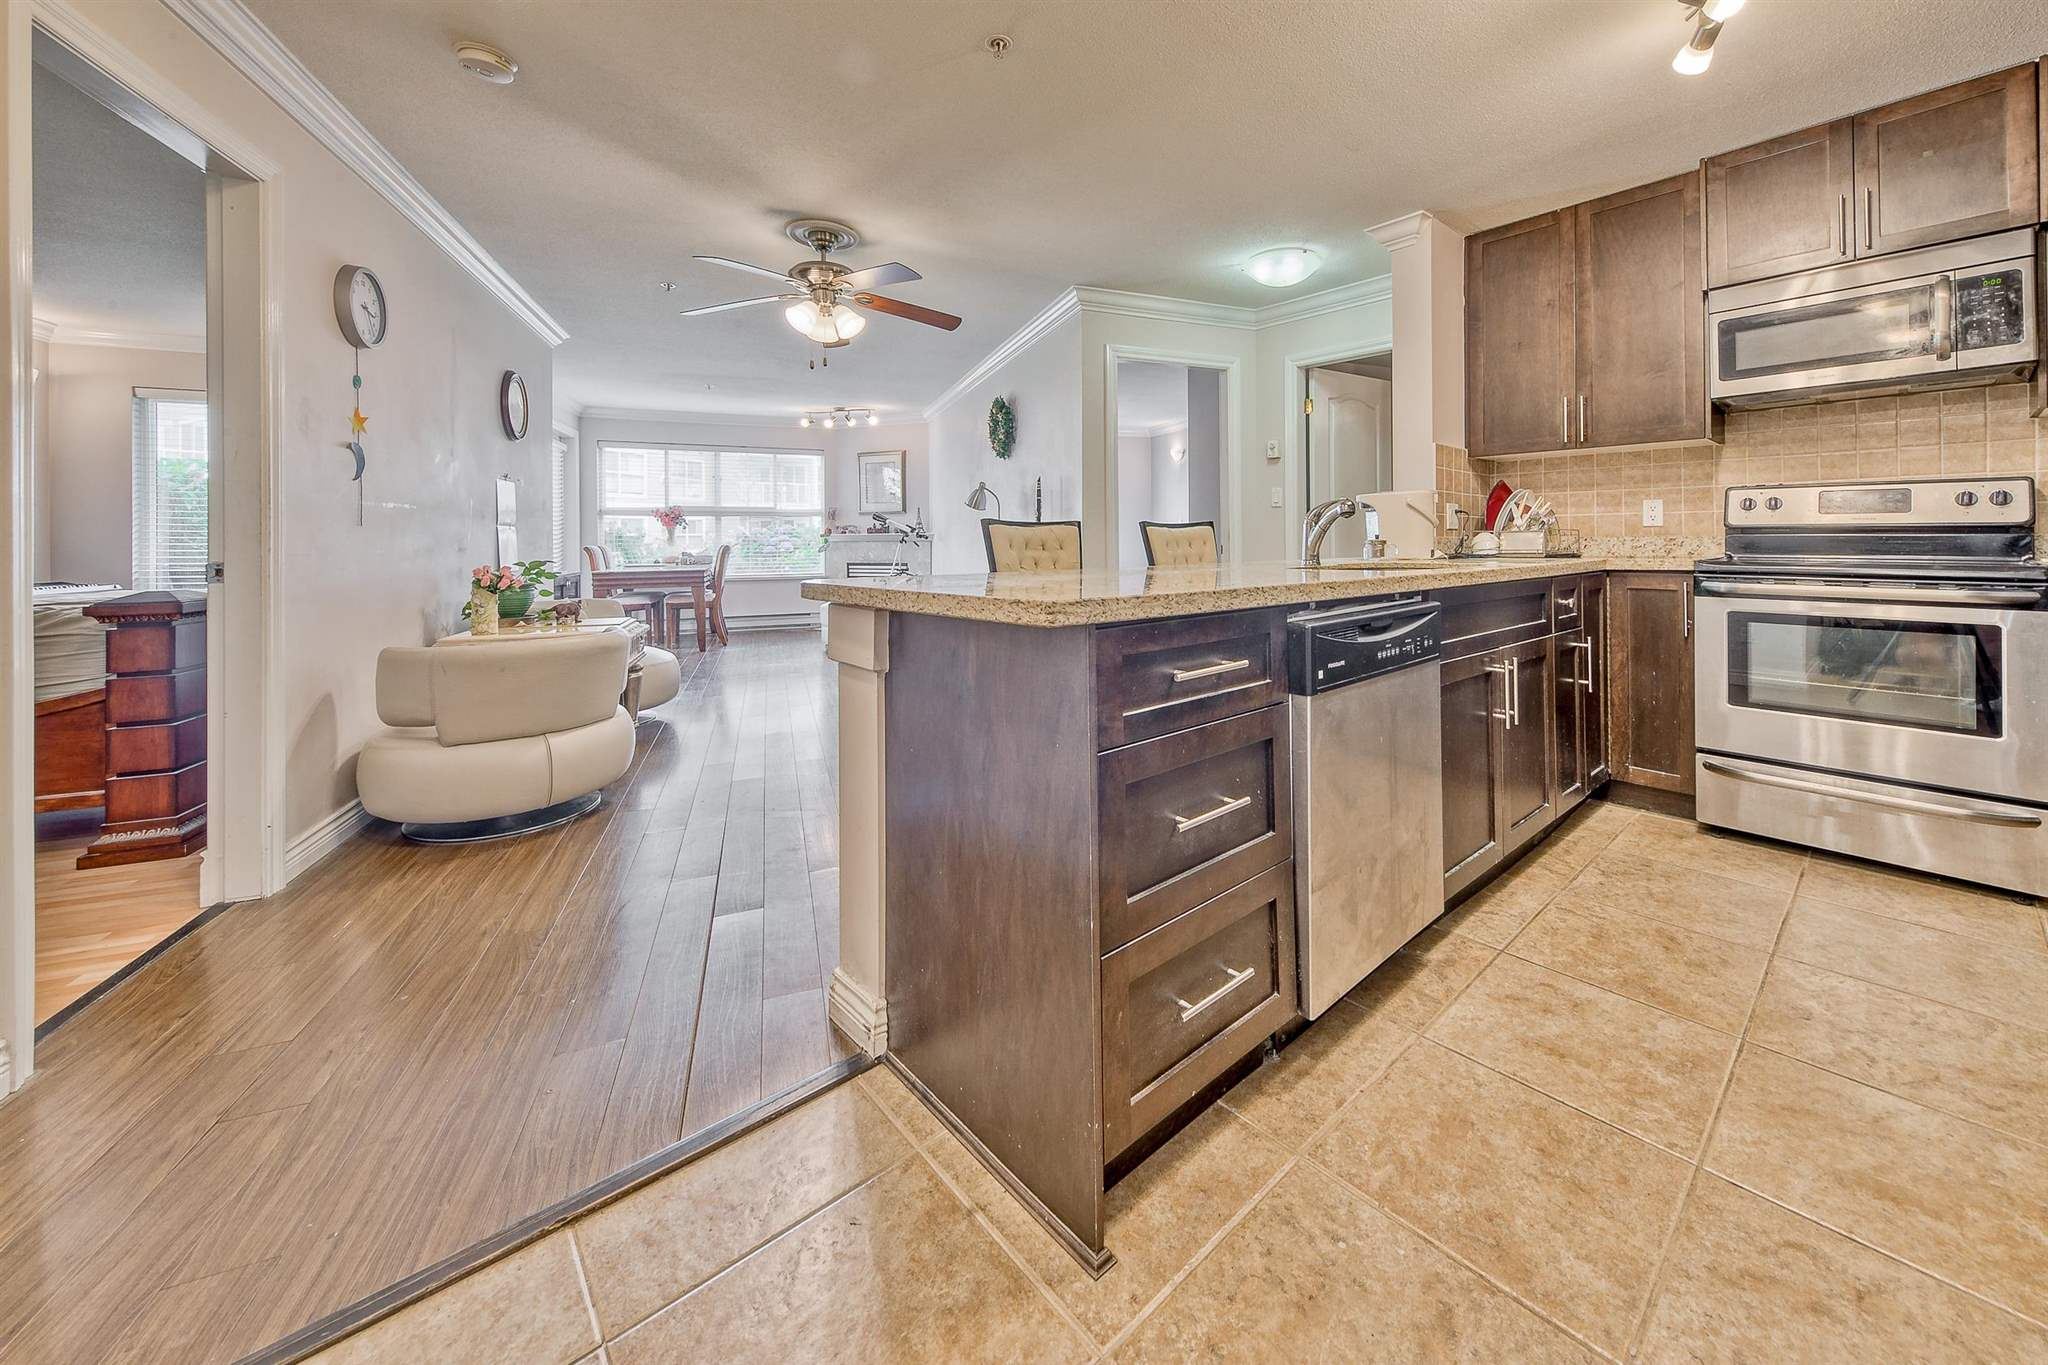 134 5880 DOVER CRESCENT - Riverdale RI Apartment/Condo for sale, 2 Bedrooms (R2598856)